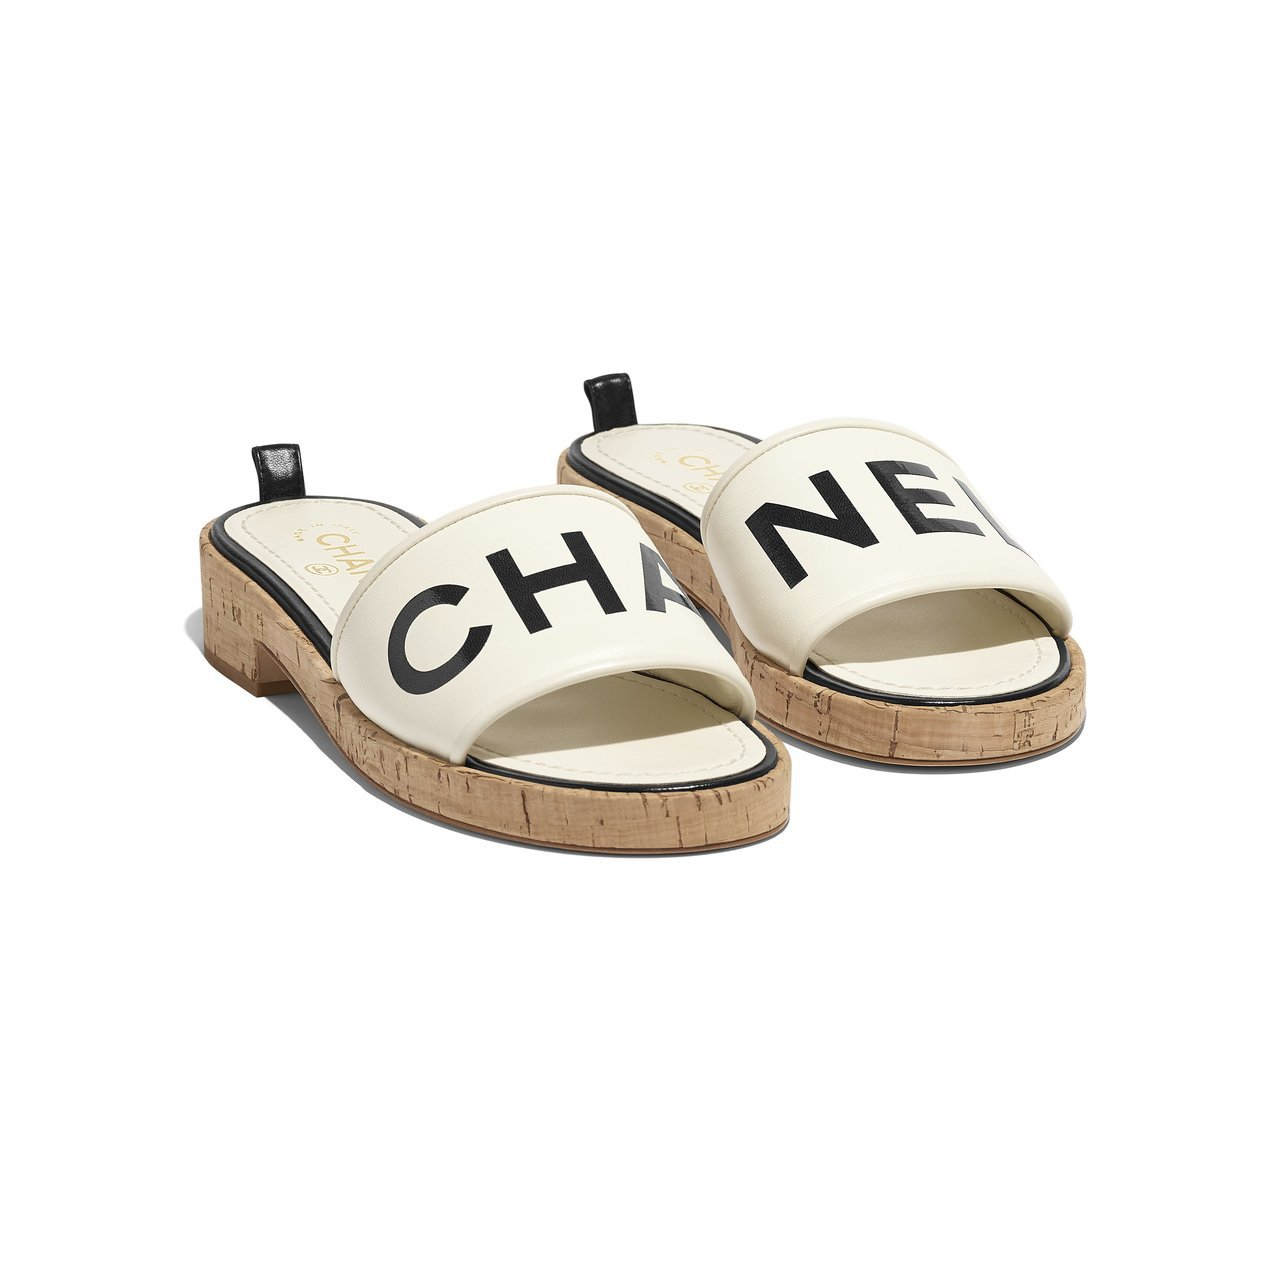 象牙白CHANEL軟木鞋,28,300元。圖/香奈兒提供